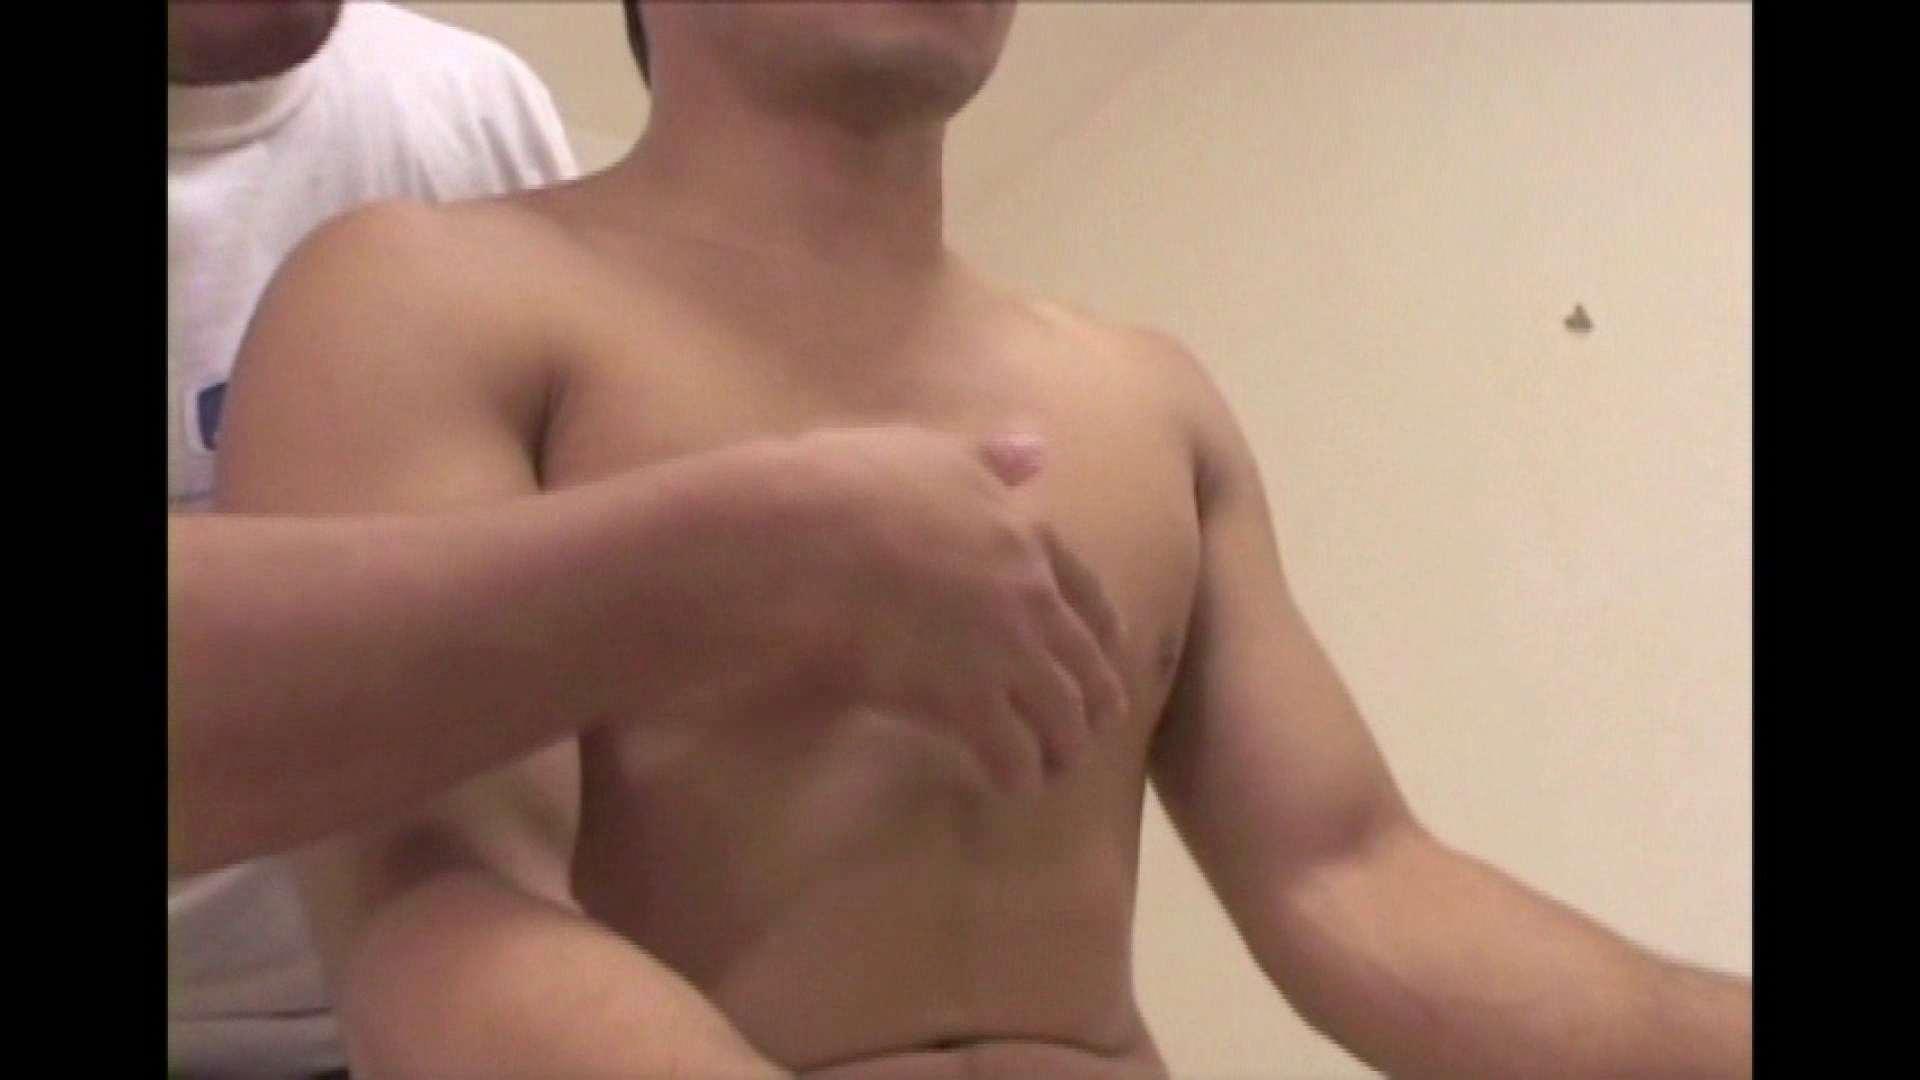 ヤリヤリ野郎共倶楽部vol.31前半 エロ   男天国  82pic 4